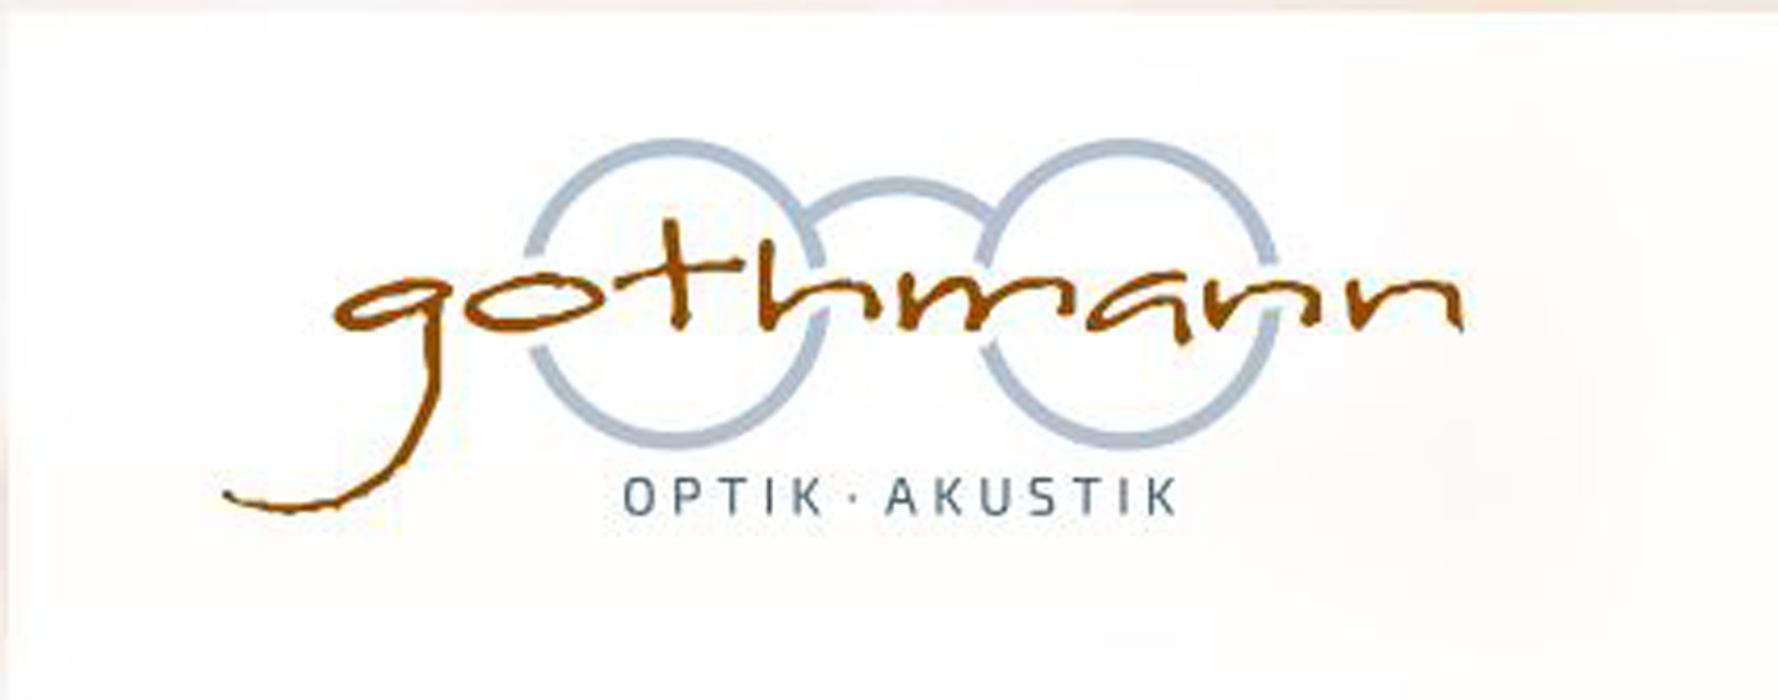 Bild zu Gothmann Optik · Akustik in Bremerhaven